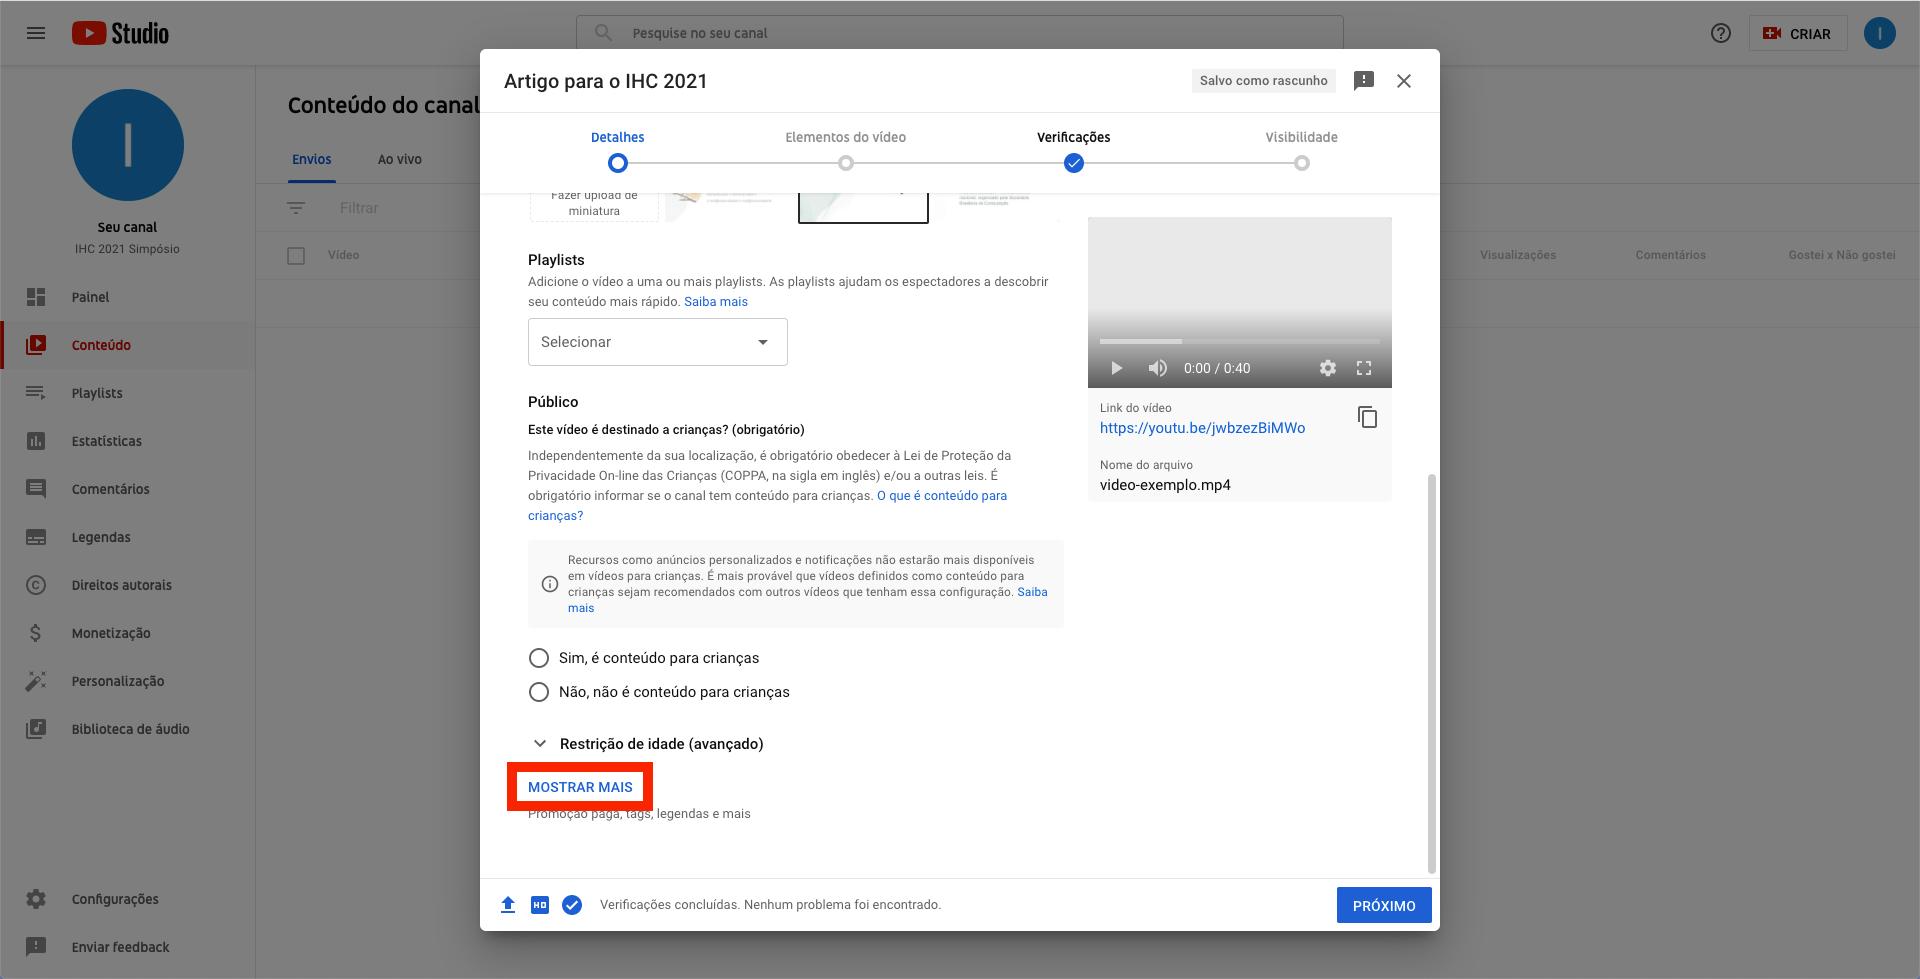 Captura de tela do YouTube. Janela modal contendo campos de formulário que permite a inserção de detalhes do vídeo, com link 'Mostrar mais' destacado com uma borda vermelha